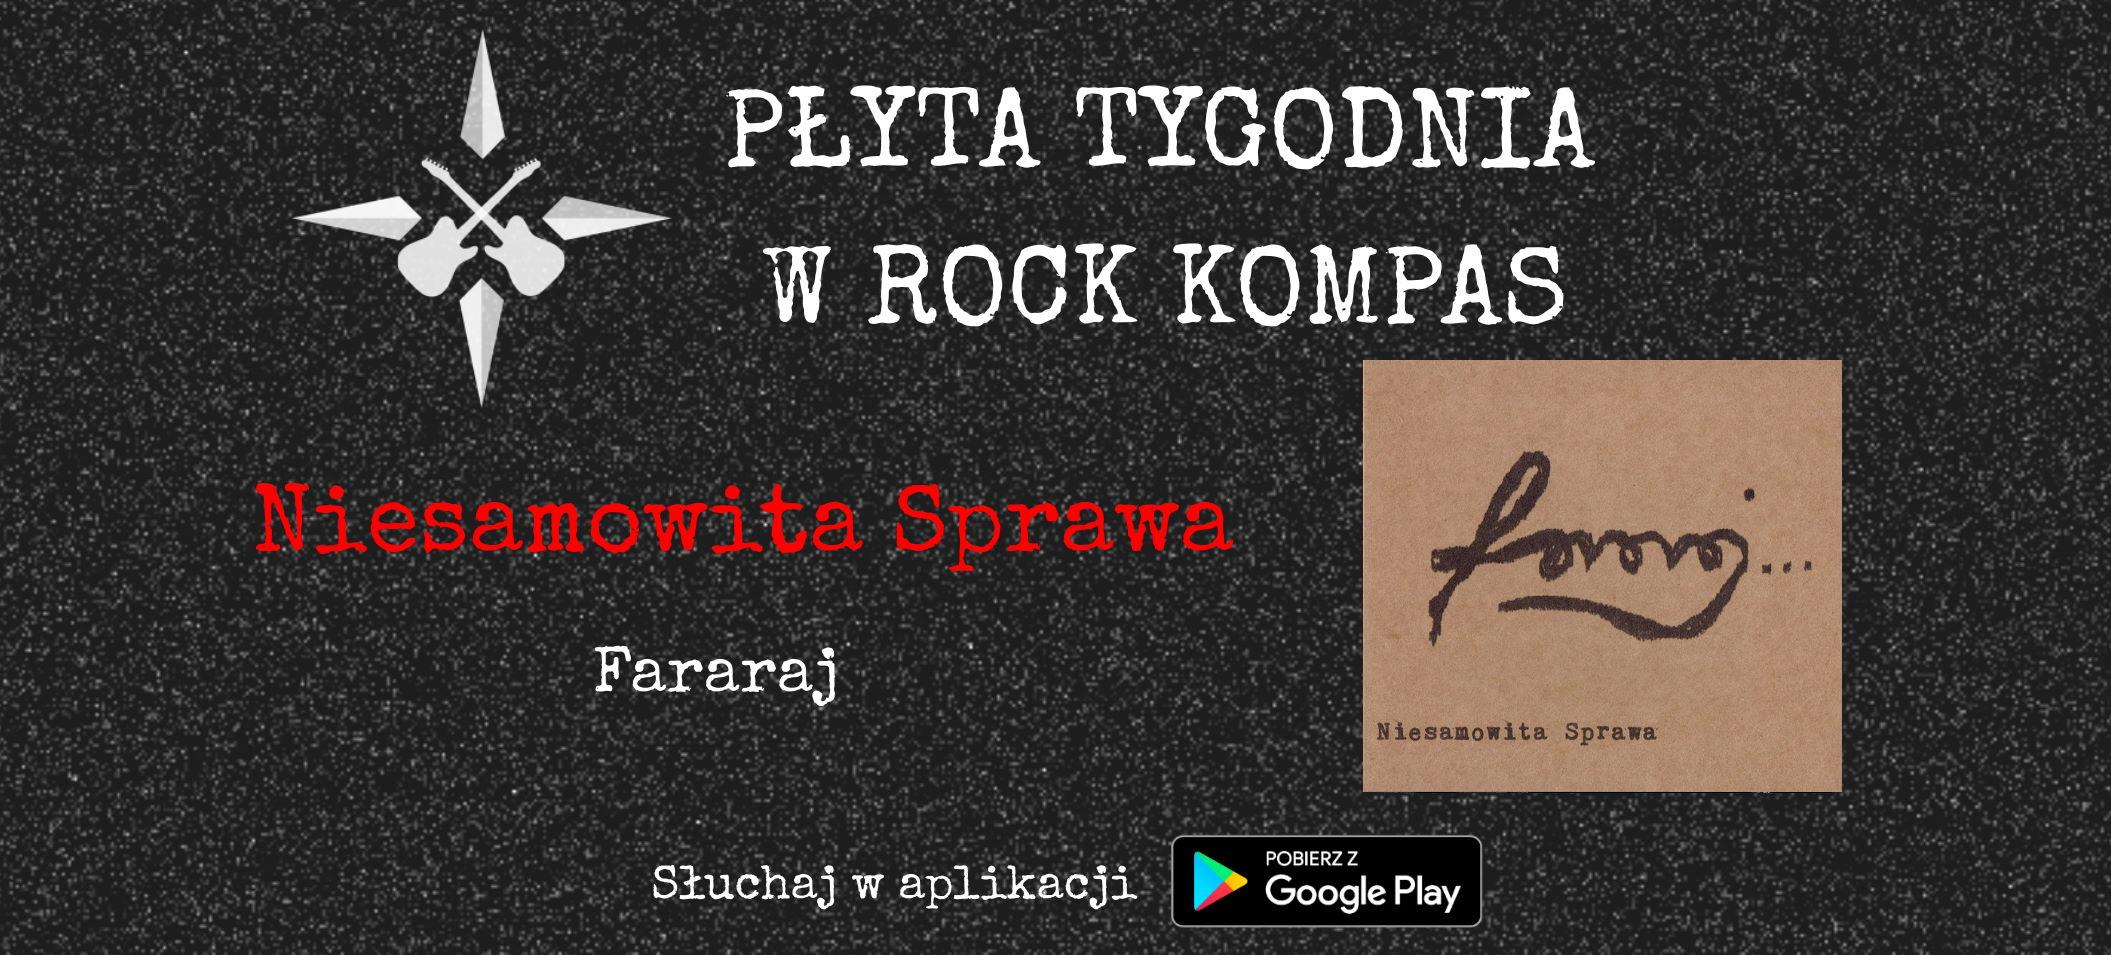 Płyta tygodnia w Rock Kompas: Niesamowita Sprawa - Fararaj